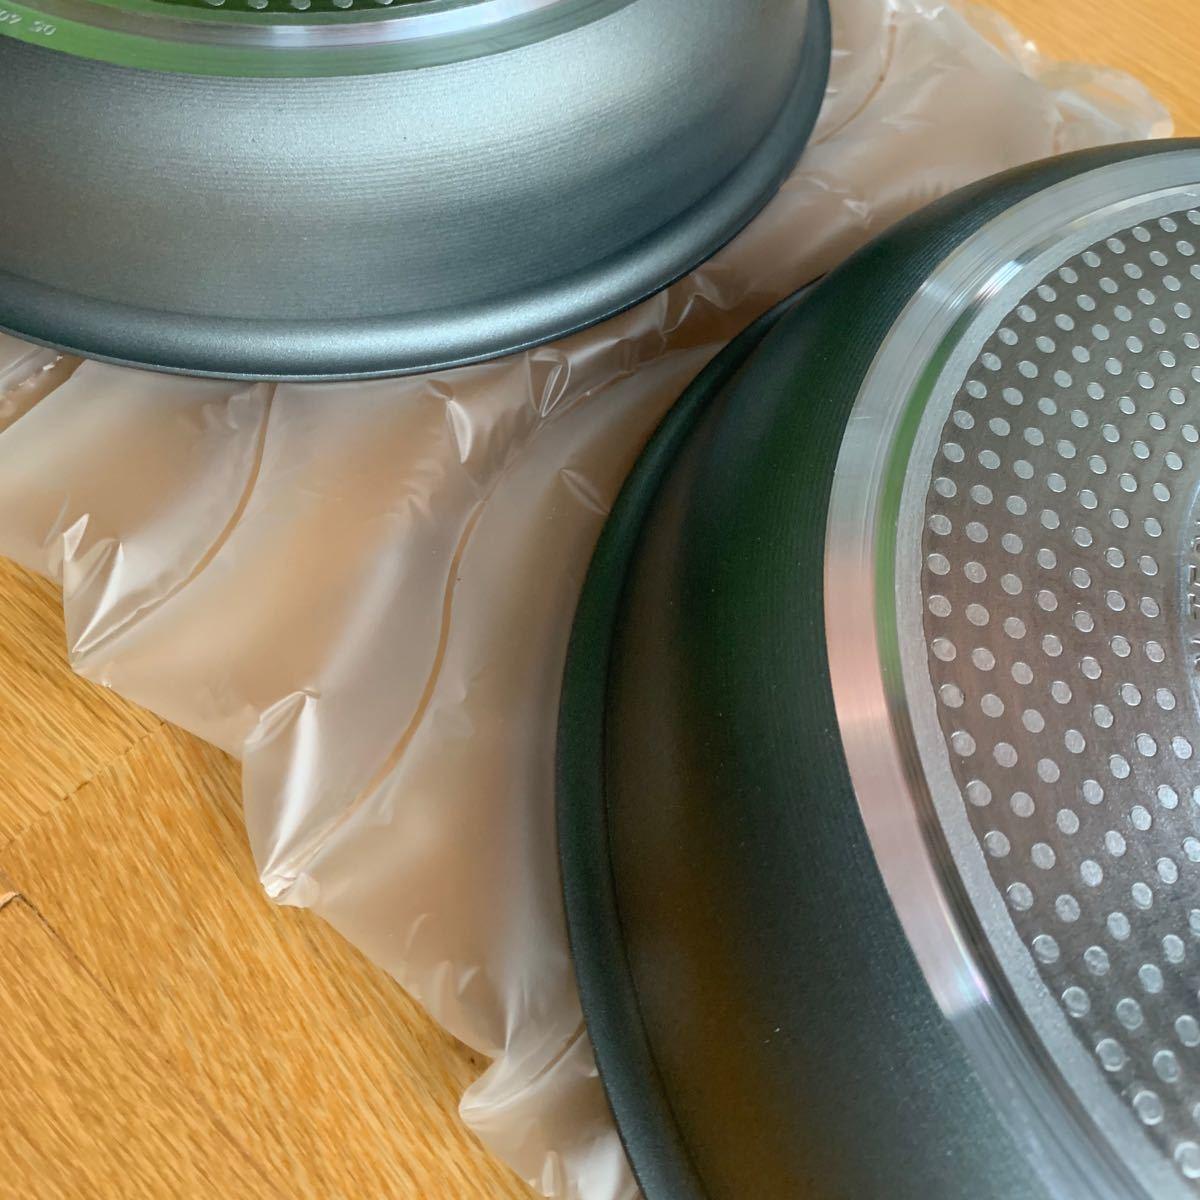 【うさぎ様専用】T-fal インジニオネオ フライパン シルクグレー 2点とバタフライガラス蓋26cm のセット